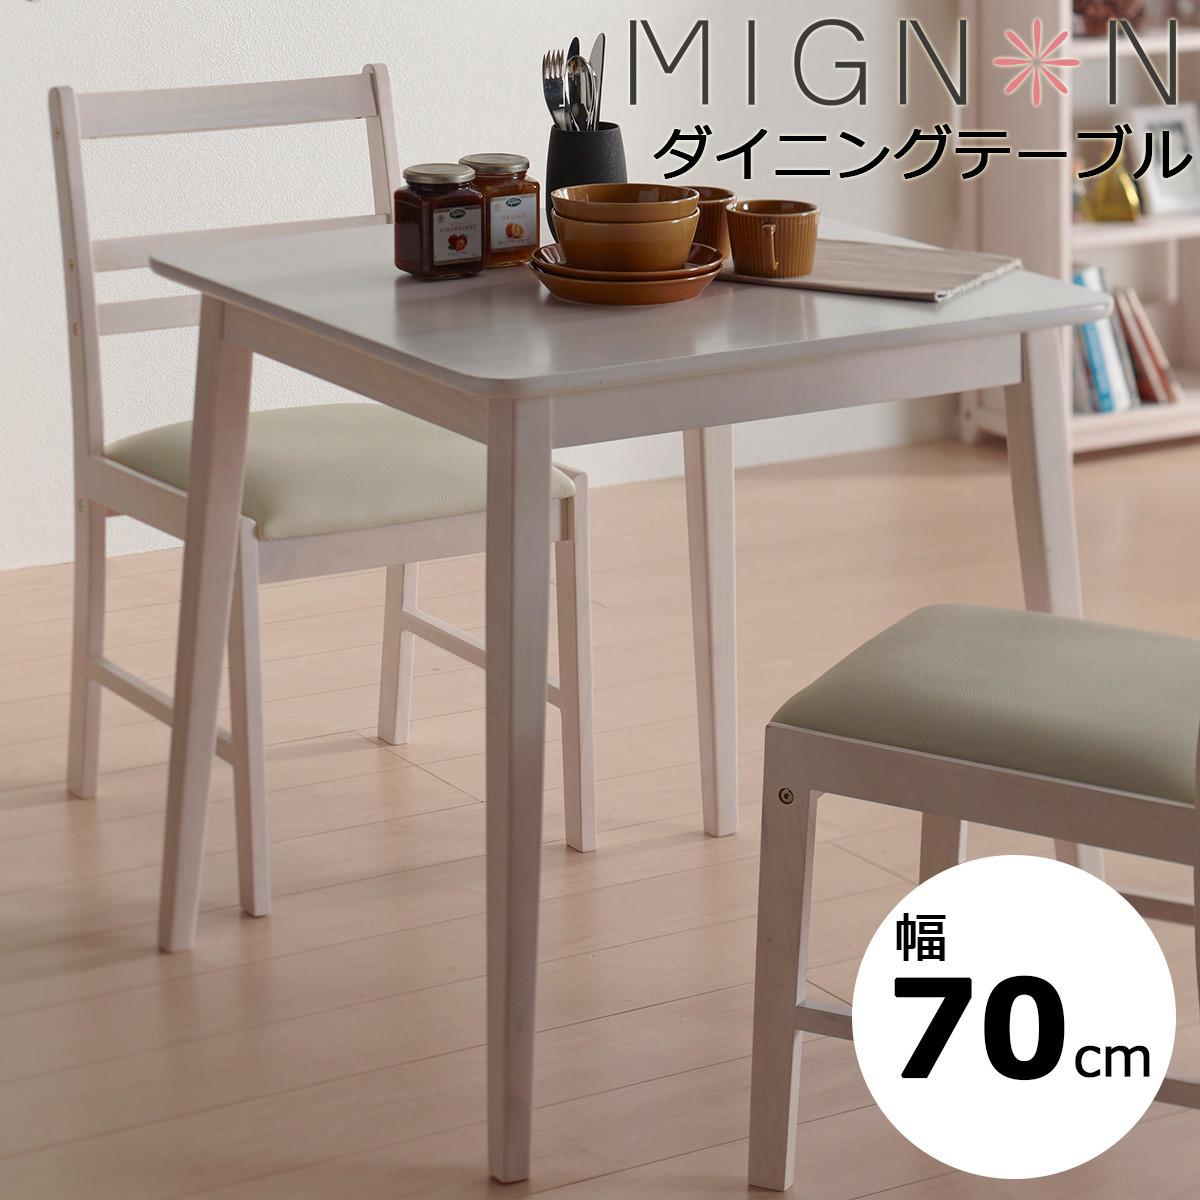 【5%ポイント還元】ダイニングテーブル 1~2人用 ホワイトウォッシュ 幅70cm ミニヨン MIGNON-DT70 作業台 机 テーブル カントリー アンティーク 天然木 木製 かわいい おしゃれ